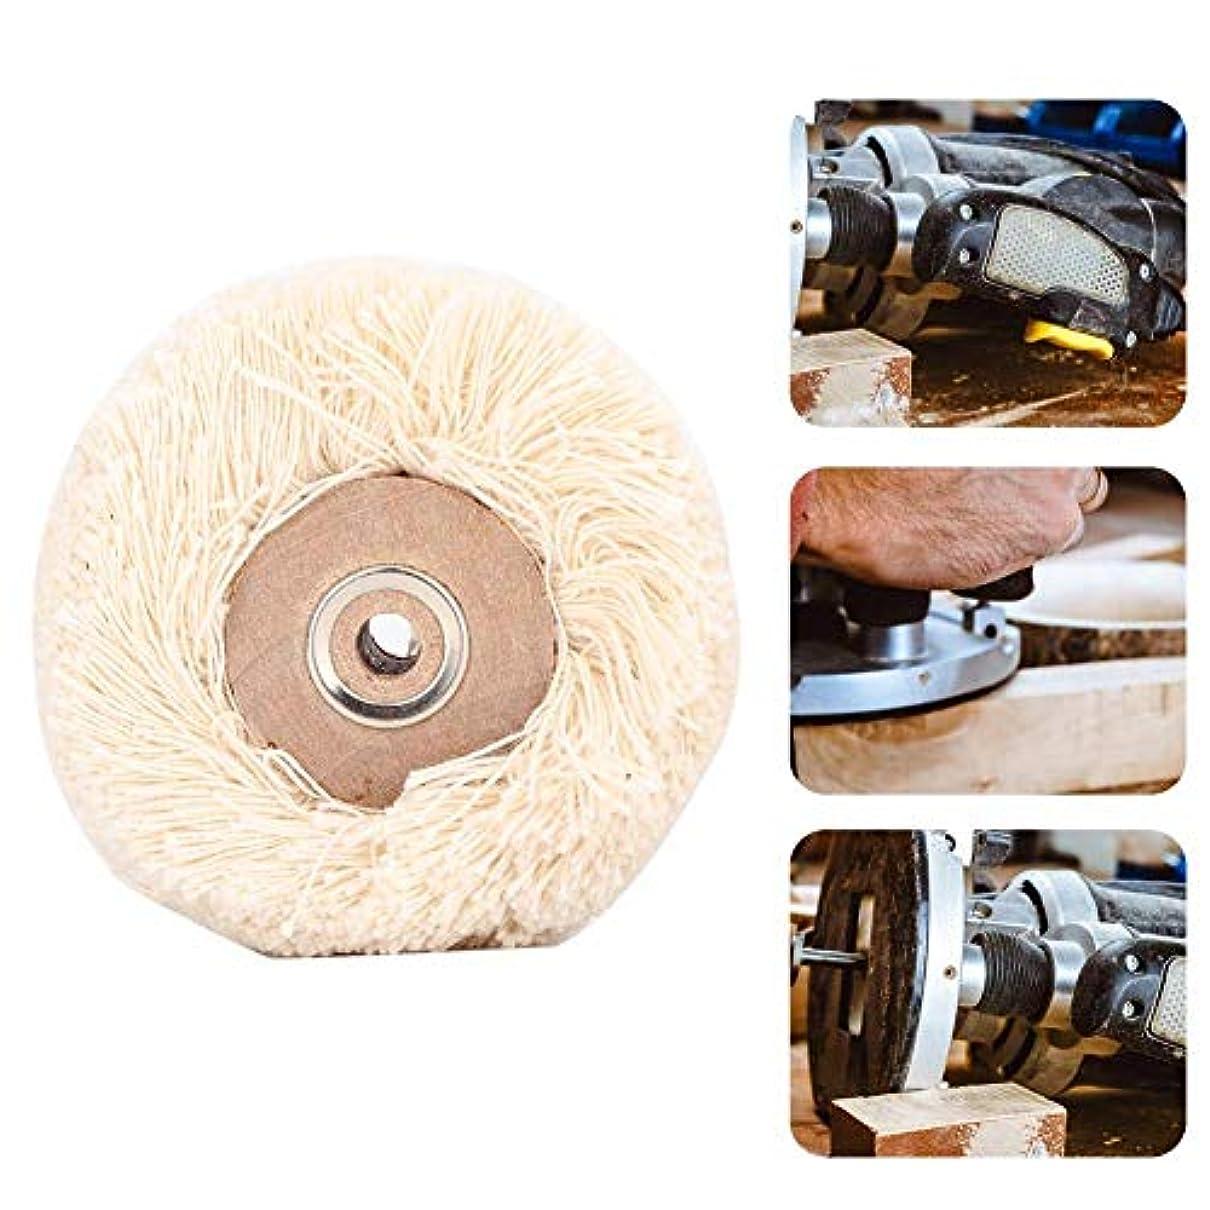 事業内容忘れる組み込む研磨ヘッド 回転工具 研磨ドリルグラインダーホイールブラシジュエリー研磨工具(M)